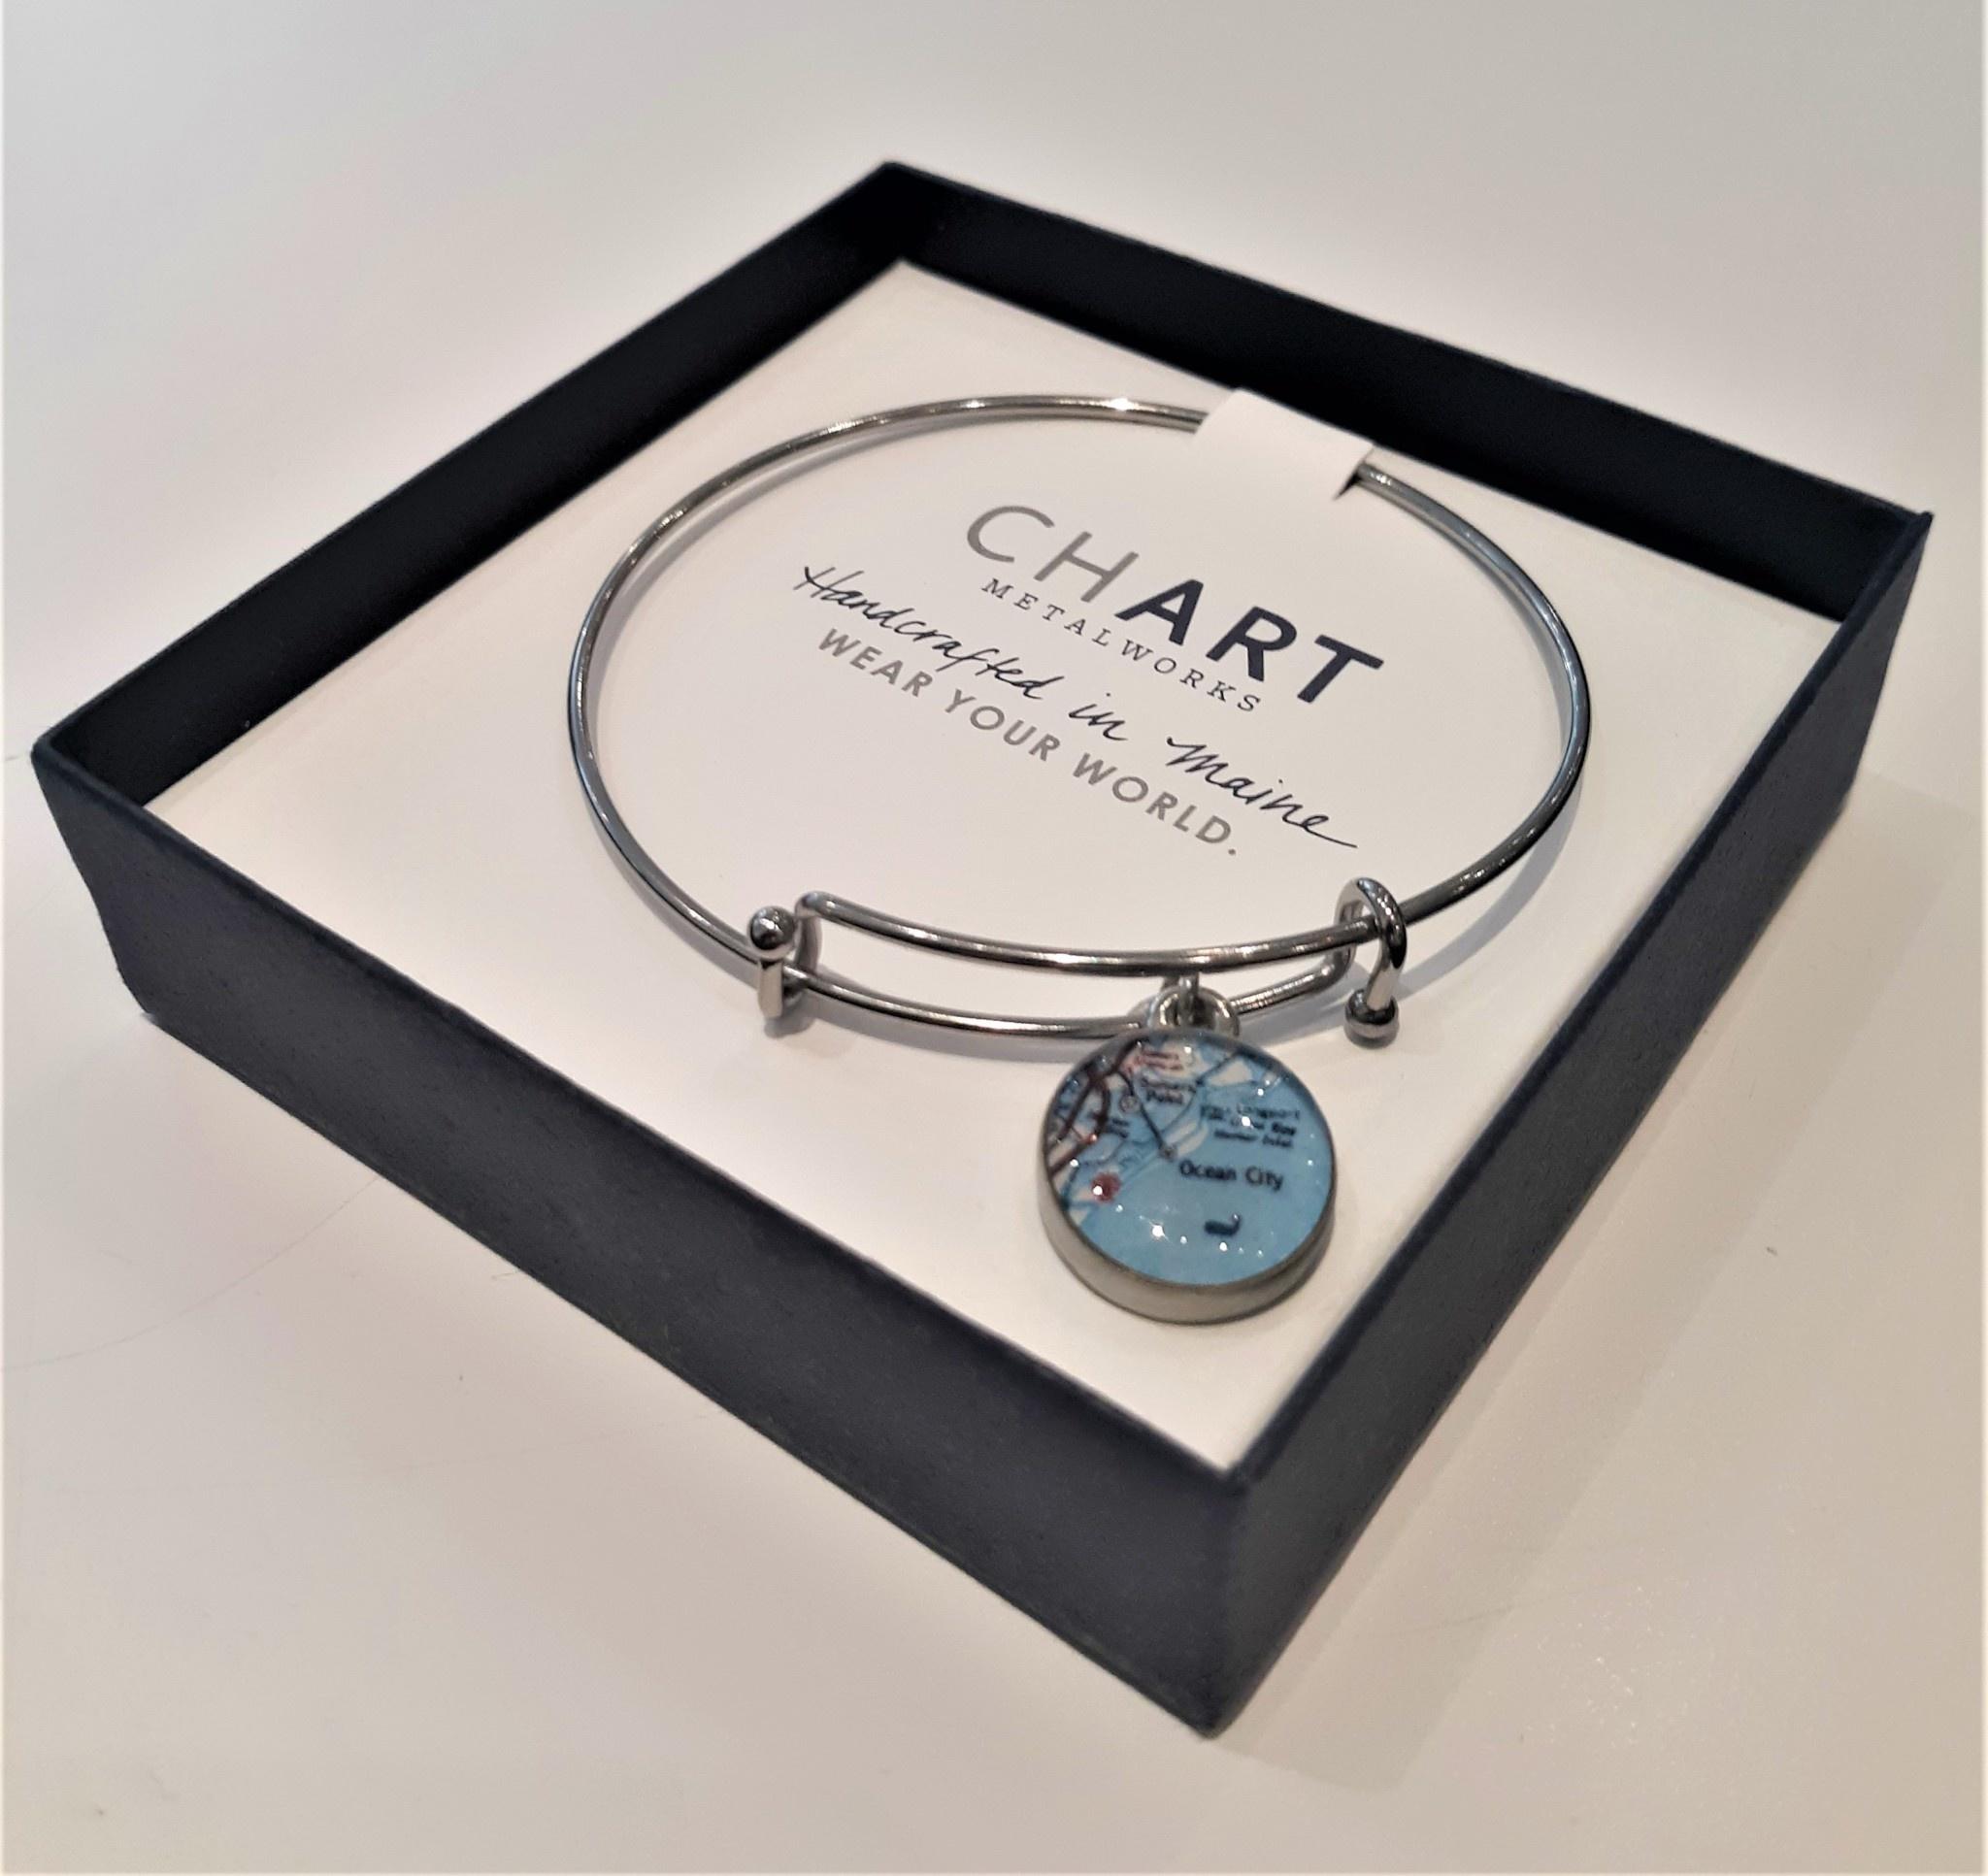 Ocean City Bangle Bracelet